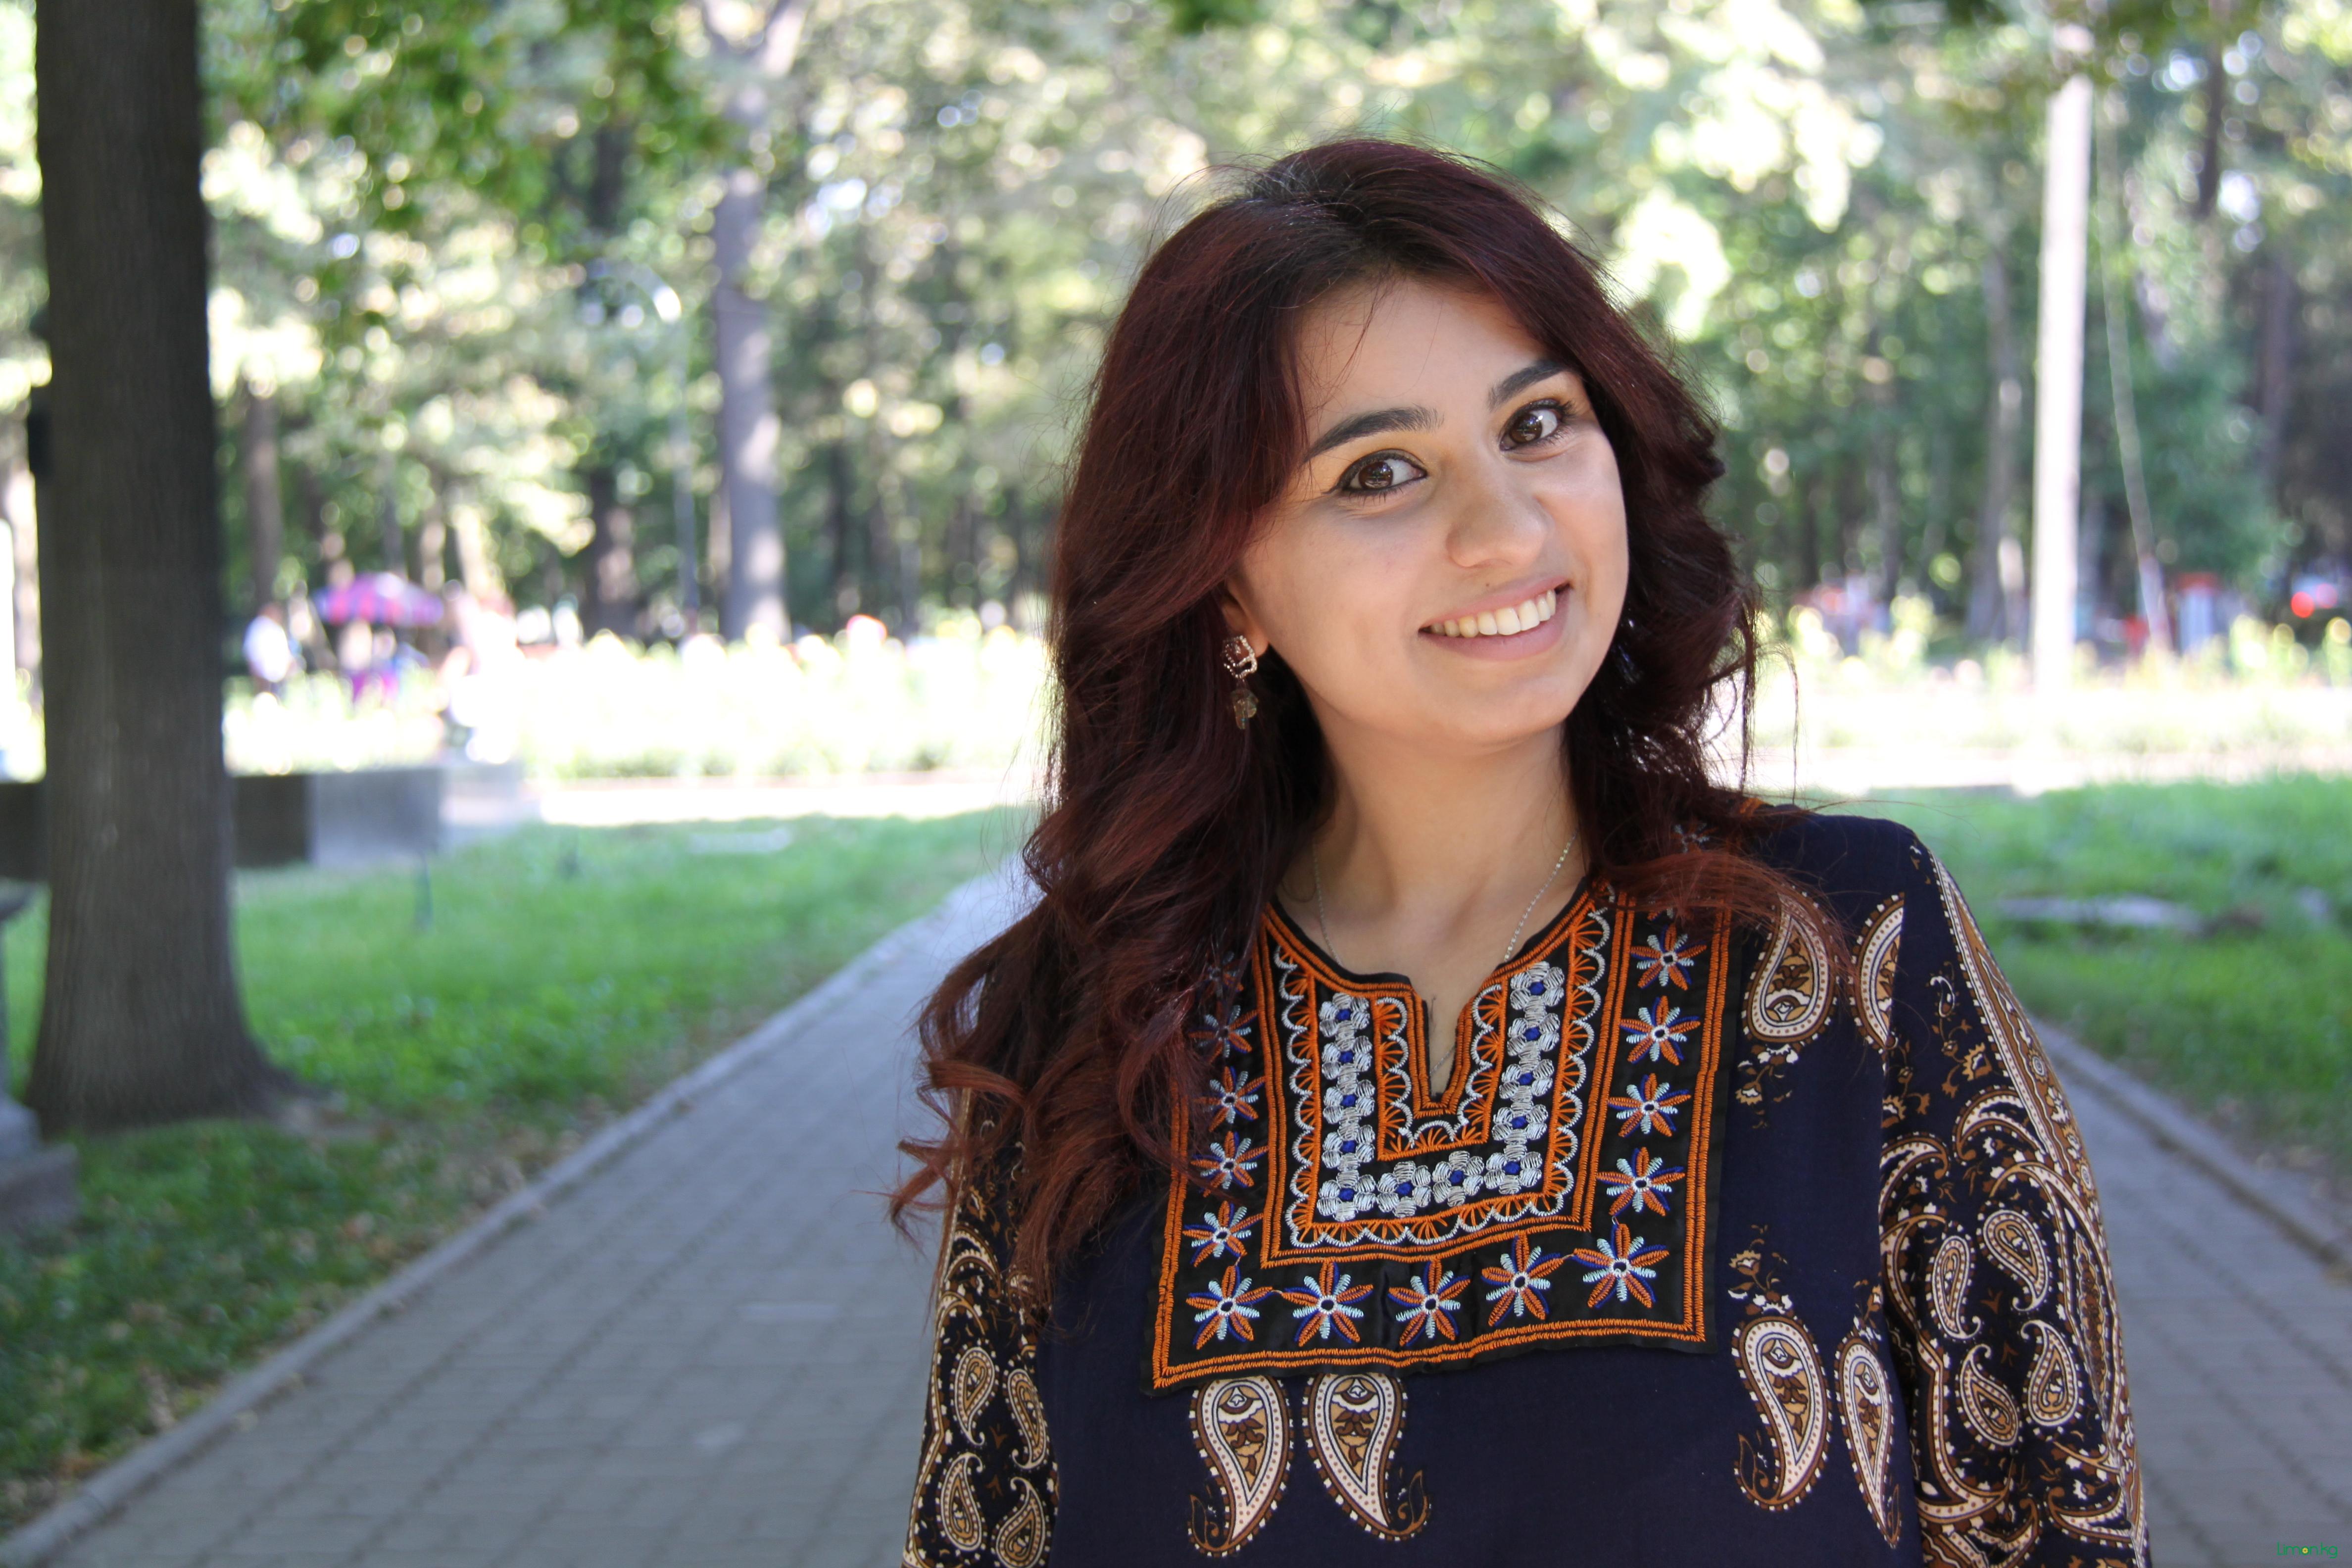 Айтакин Камарли , 26 лет, вет врач